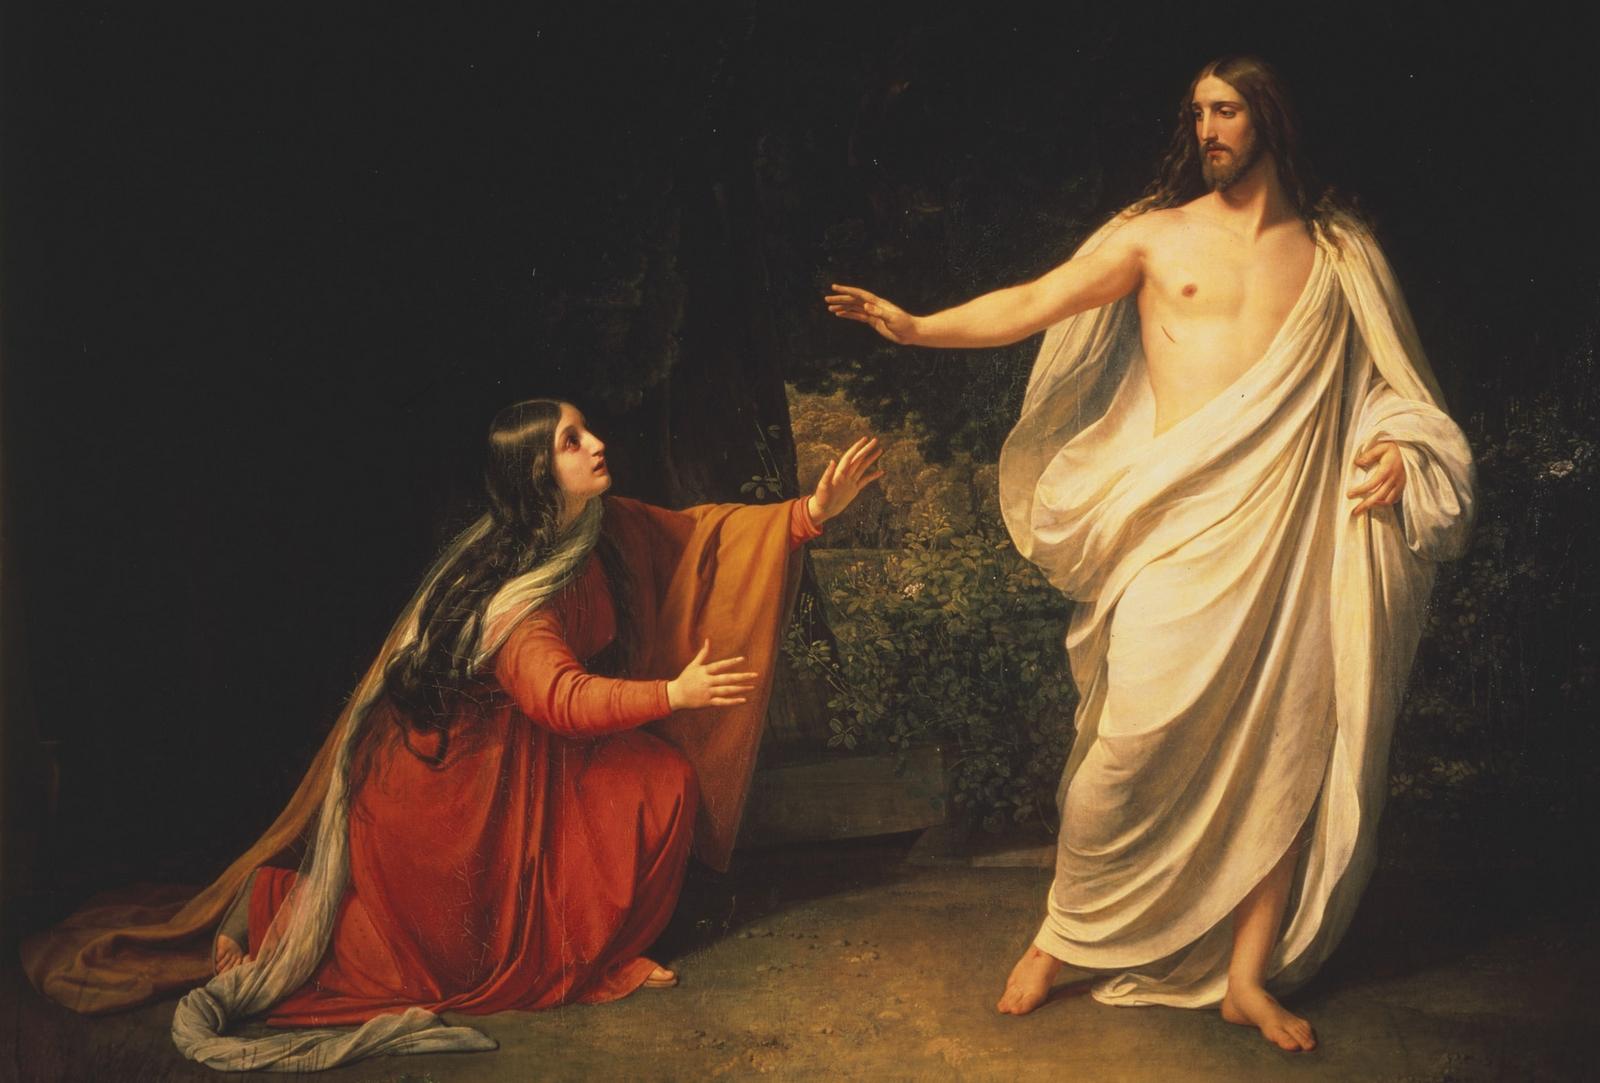 La Leyenda y la Realidad de la Apóstol María Magdalena